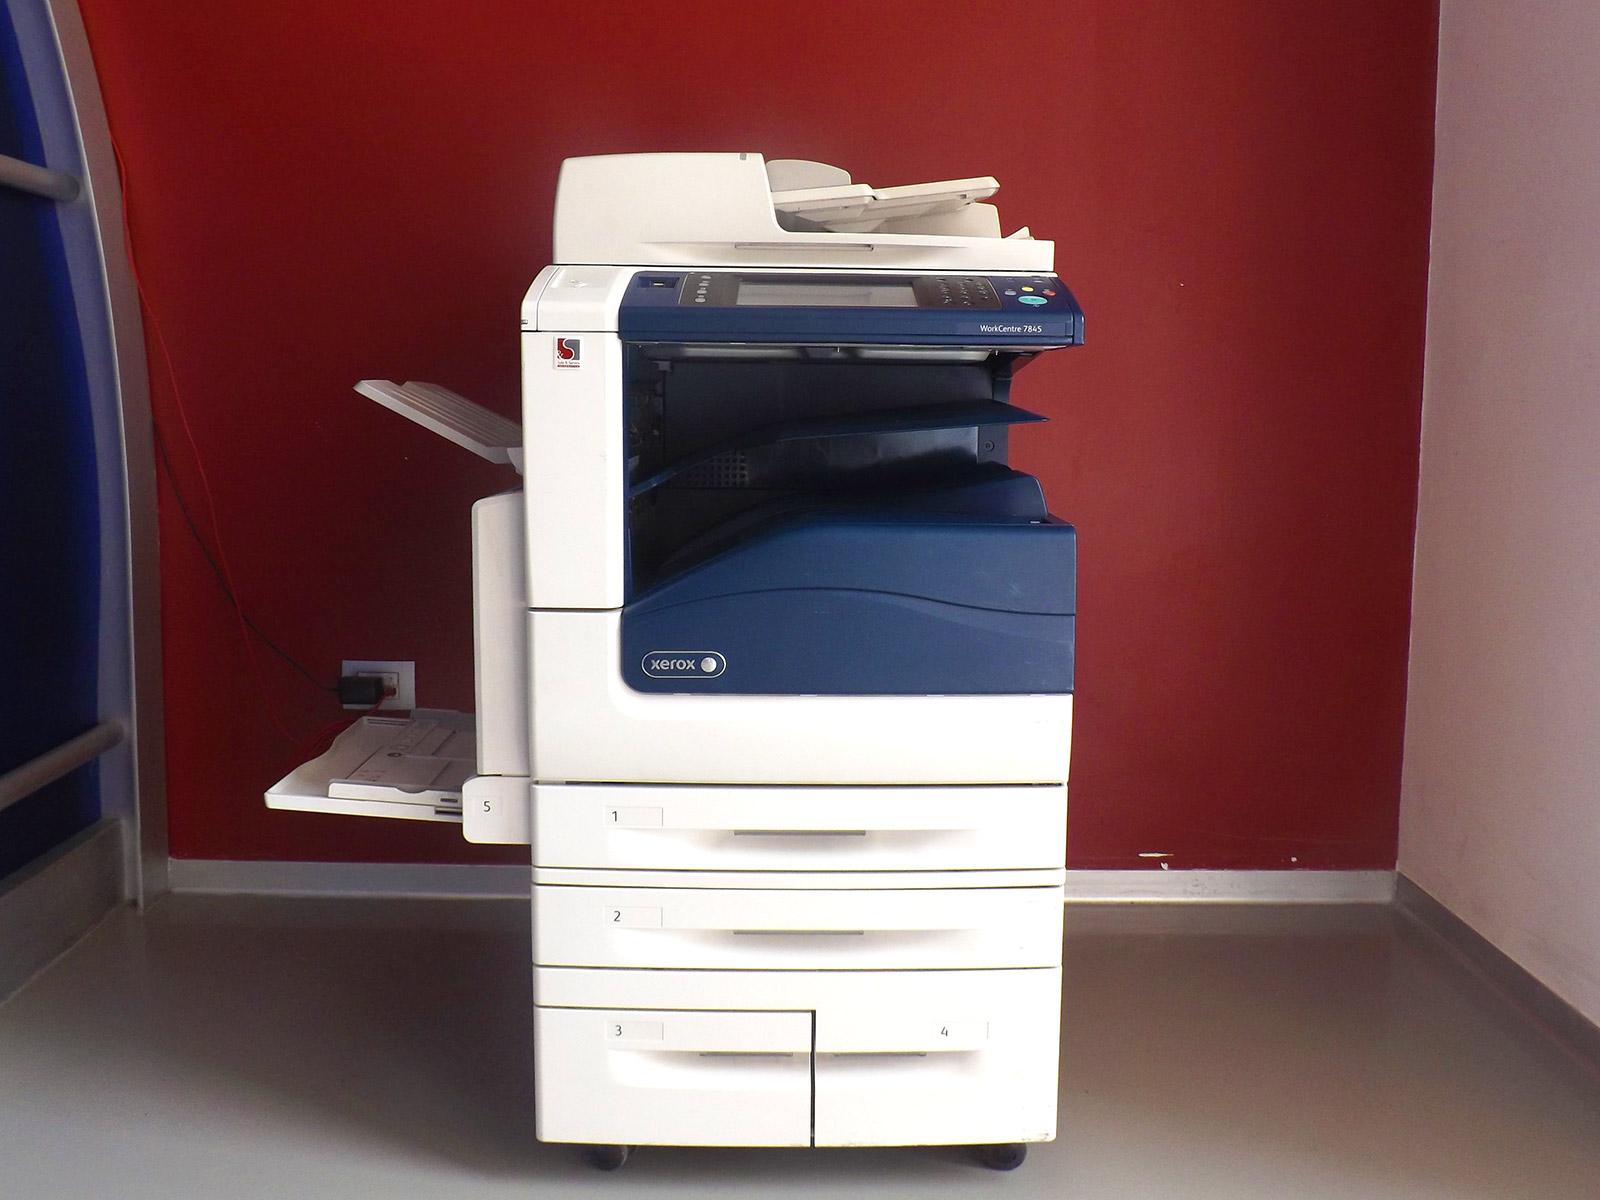 Xerox WorkCentre 7845 - Usato garantito - Fronte